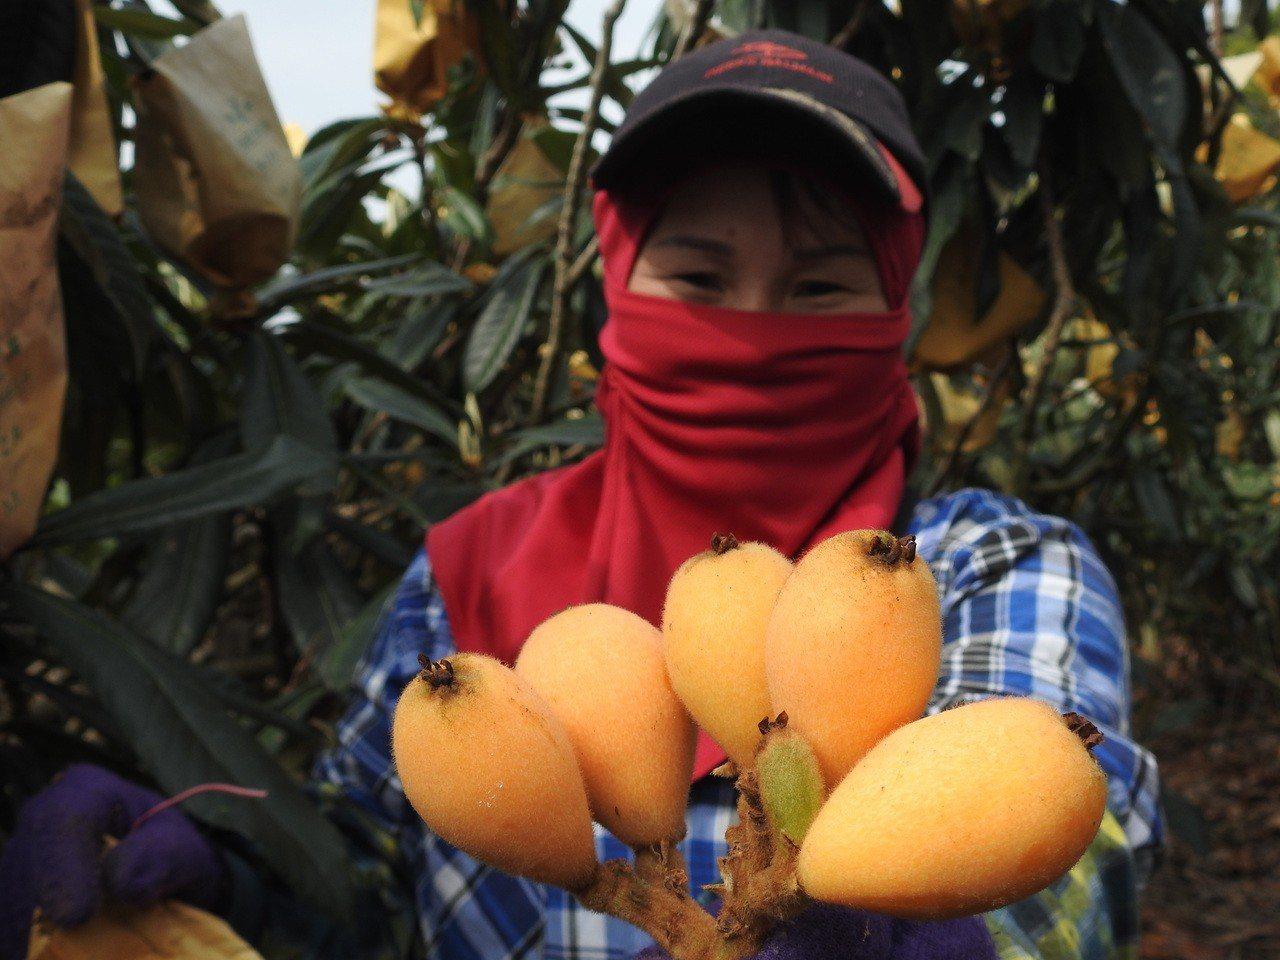 為確保枇杷品質和甜度,國姓枇杷農將每枝條疏果,讓果樹養份和水份均勻滋養果實。記者...